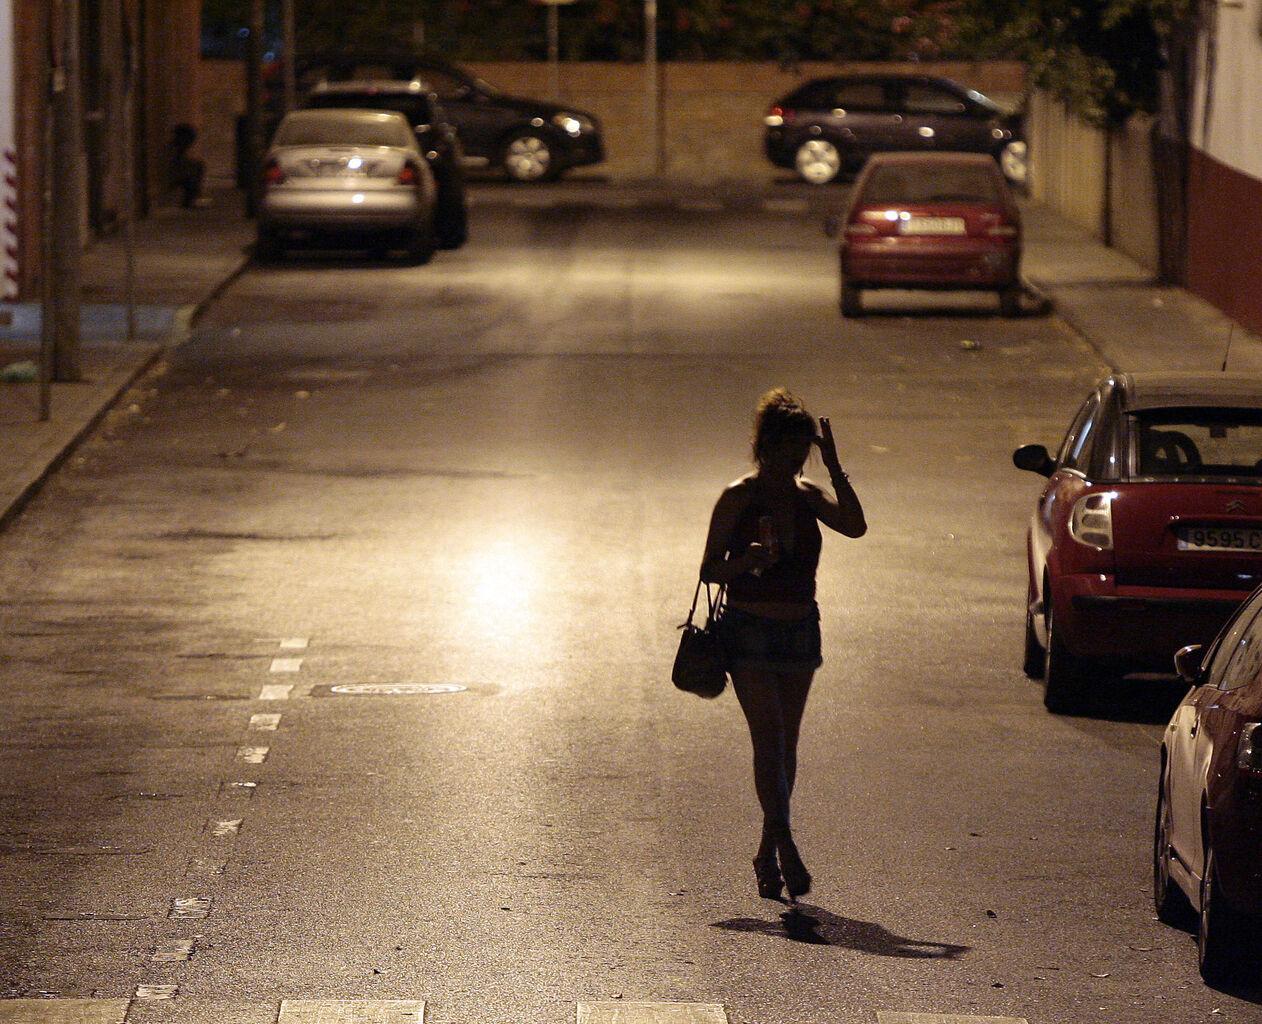 prostitutas en alcala de guadaira prostitutas conocidas